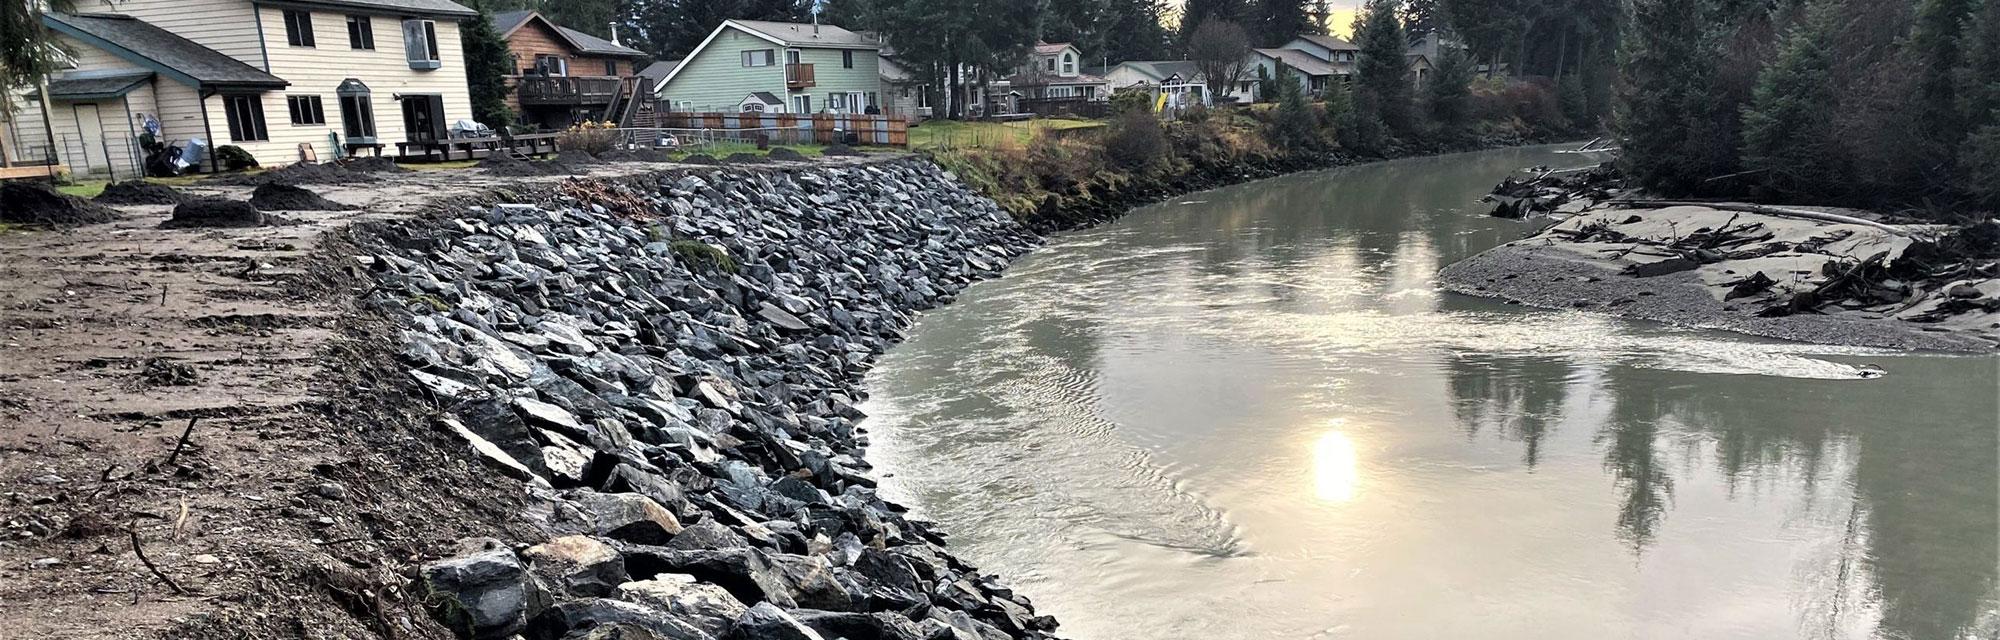 Meander Way Streambank Stabilizations / Juneau, AK